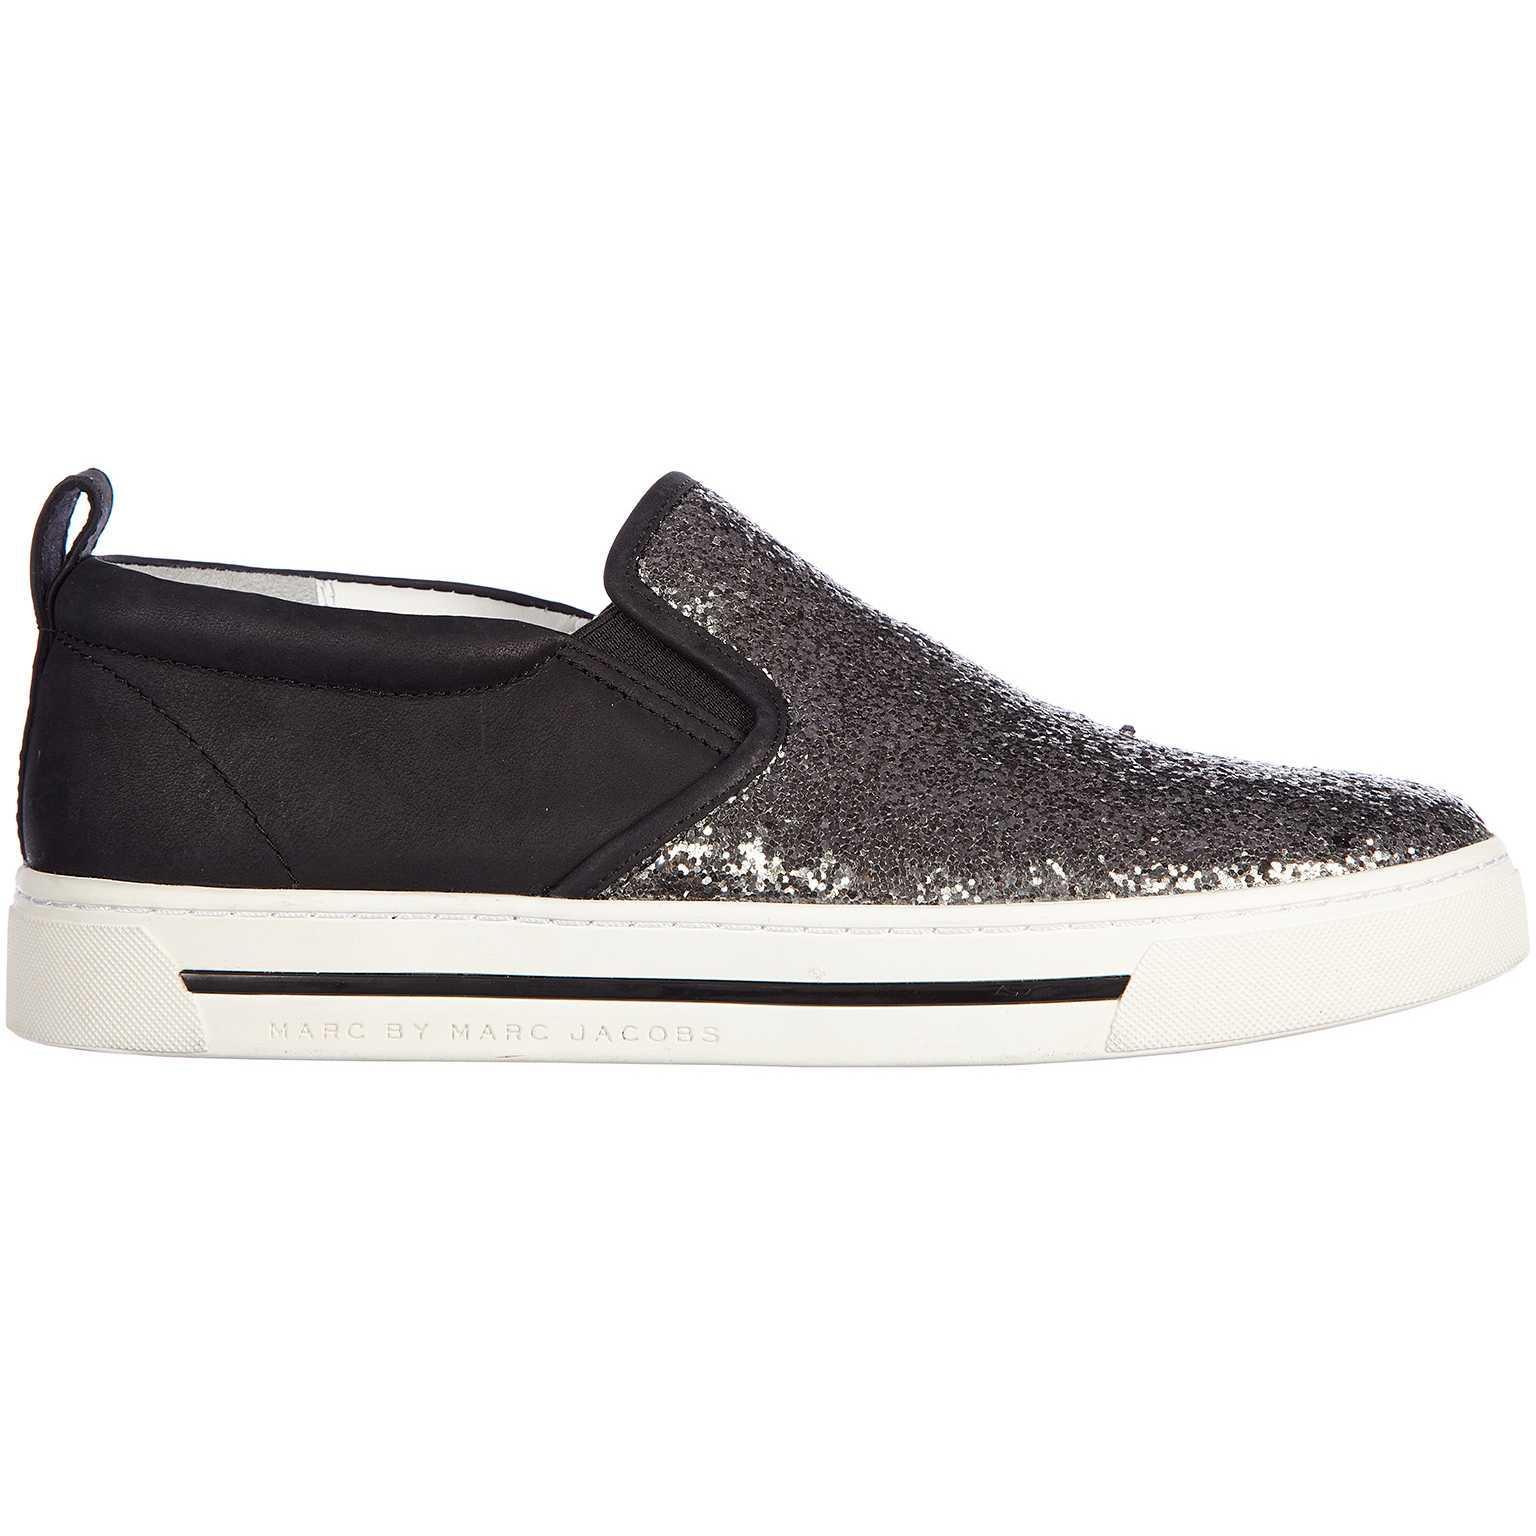 Marc by Marc Jacobs Sneakers Sparkling Silver pentru femei